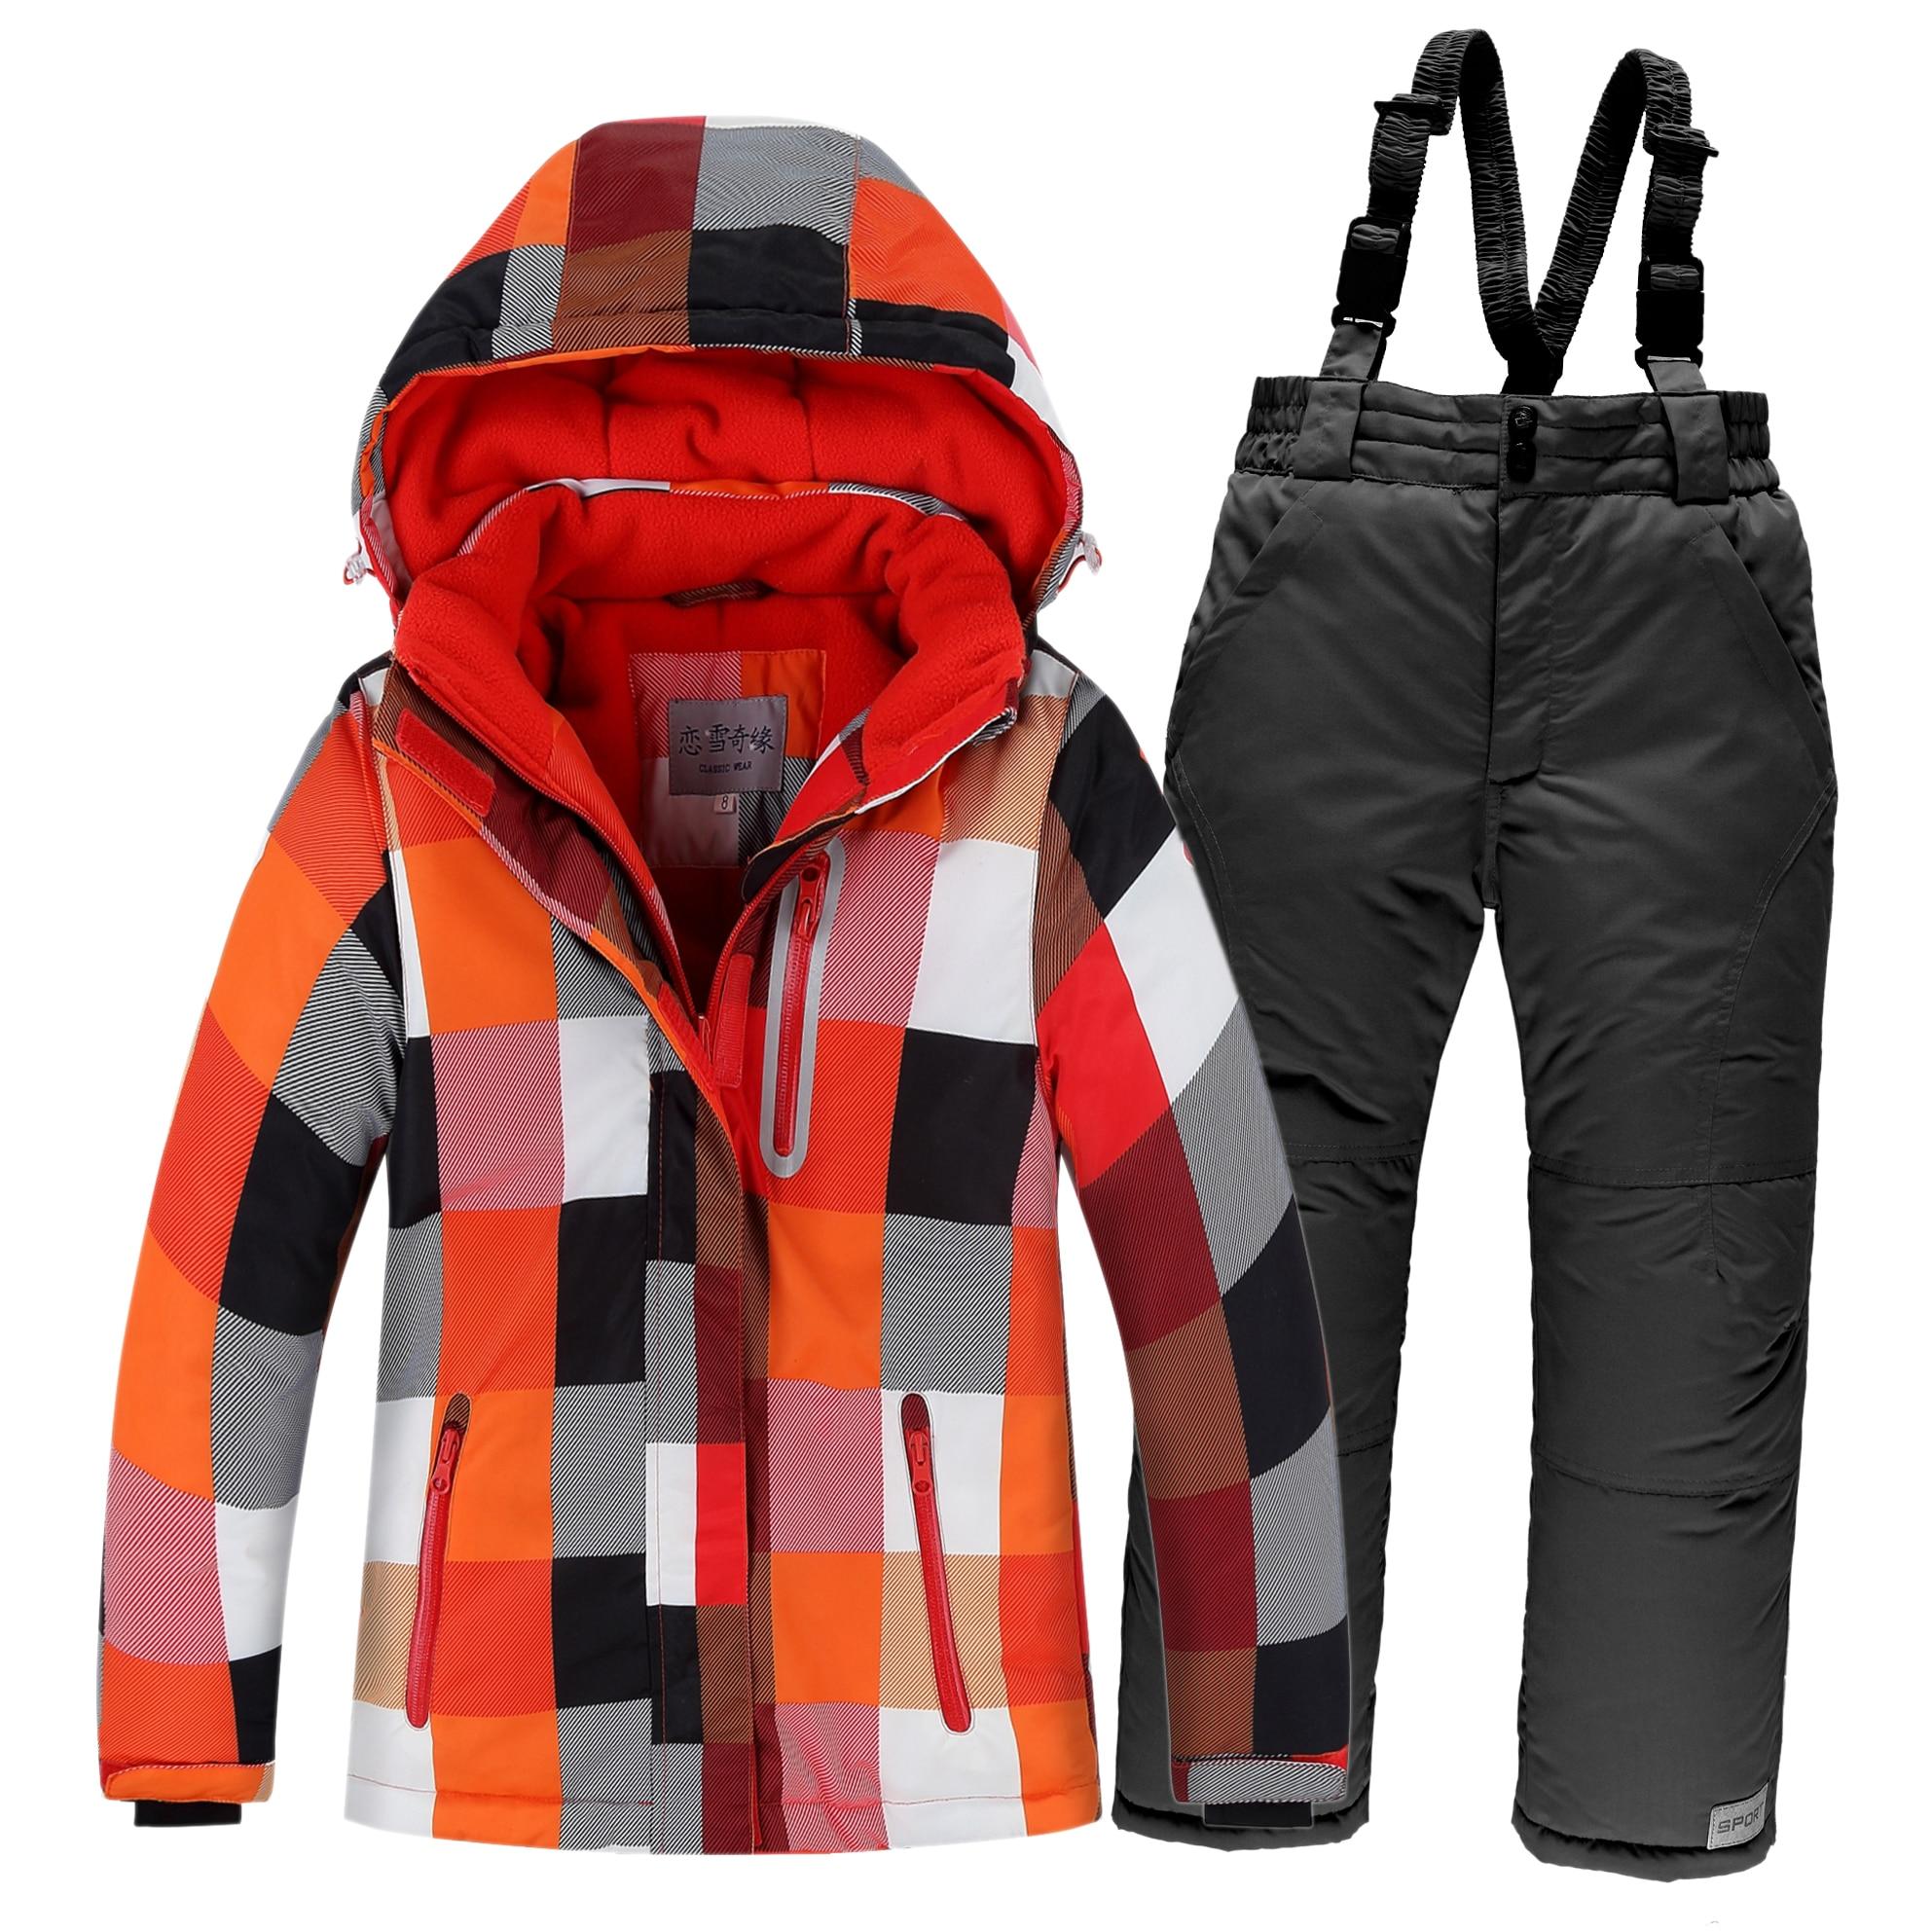 Pour-30 degrés vêtements d'extérieur pour enfants manteau chaud sport Ski costume enfants vêtements ensembles imperméable coupe-vent garçons vestes pour 3-16 T